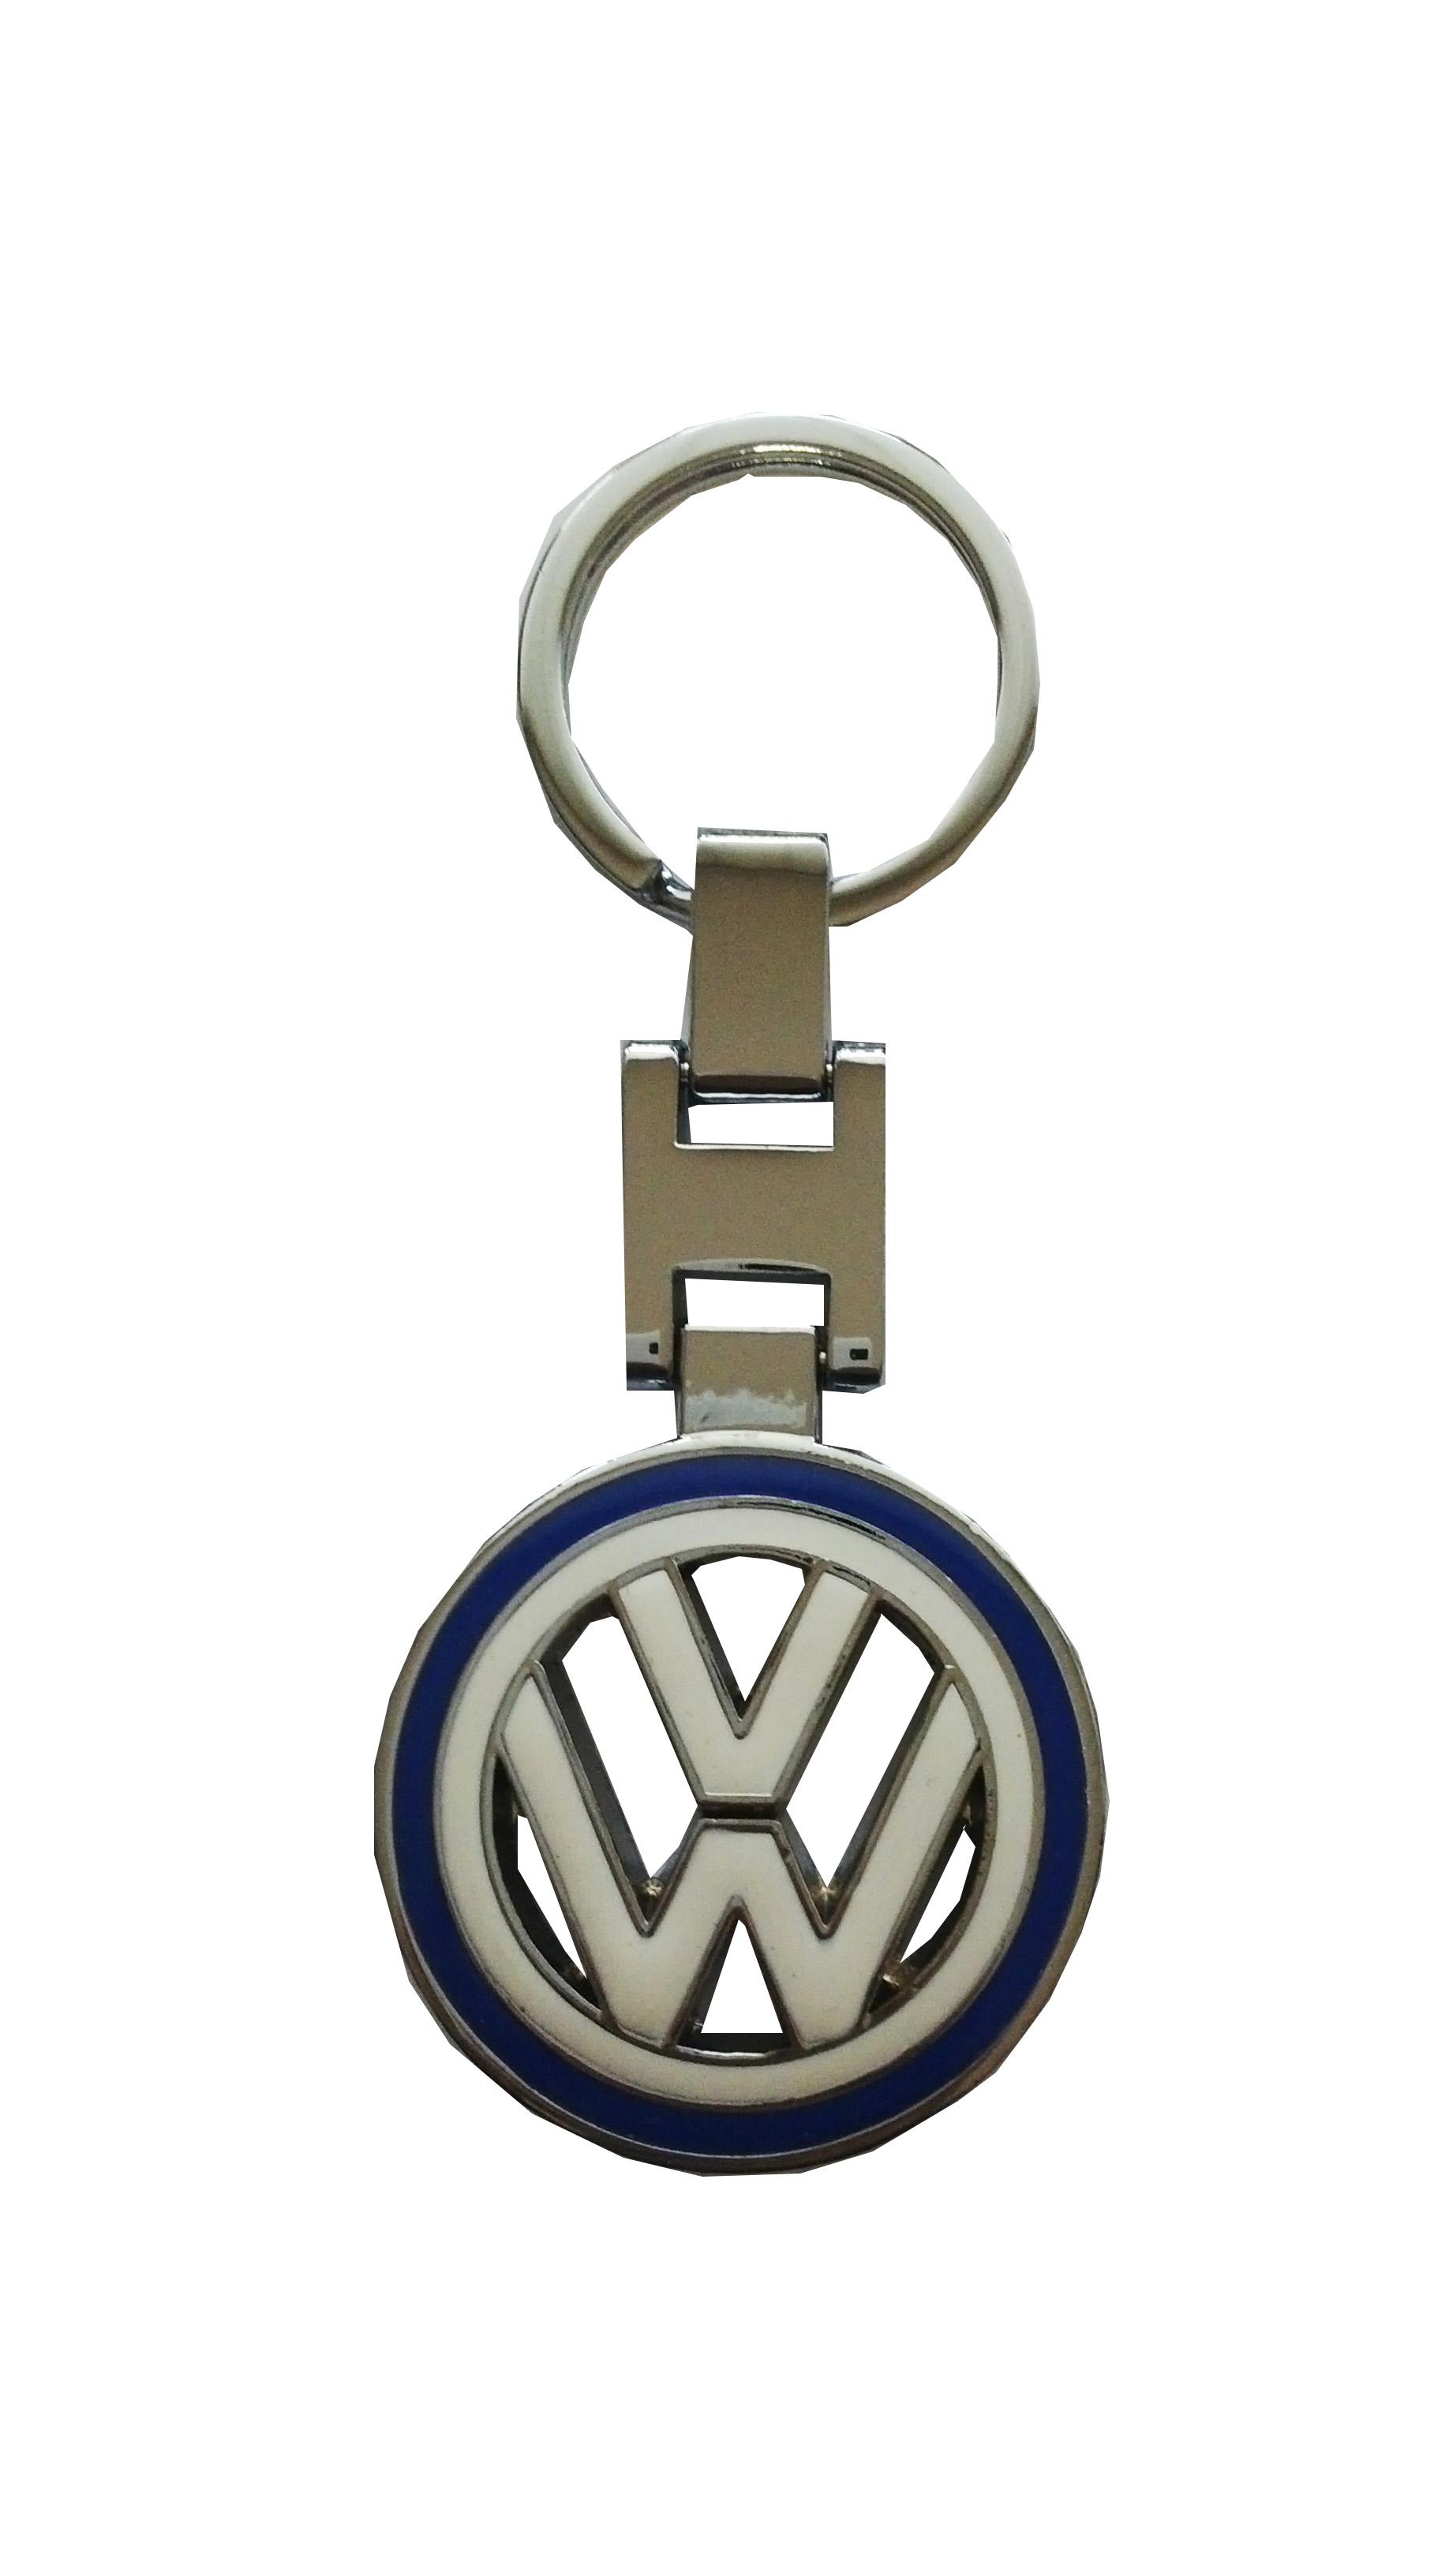 Prívesok na kľúče s logom Volkswagen 5d7c1c14ff7